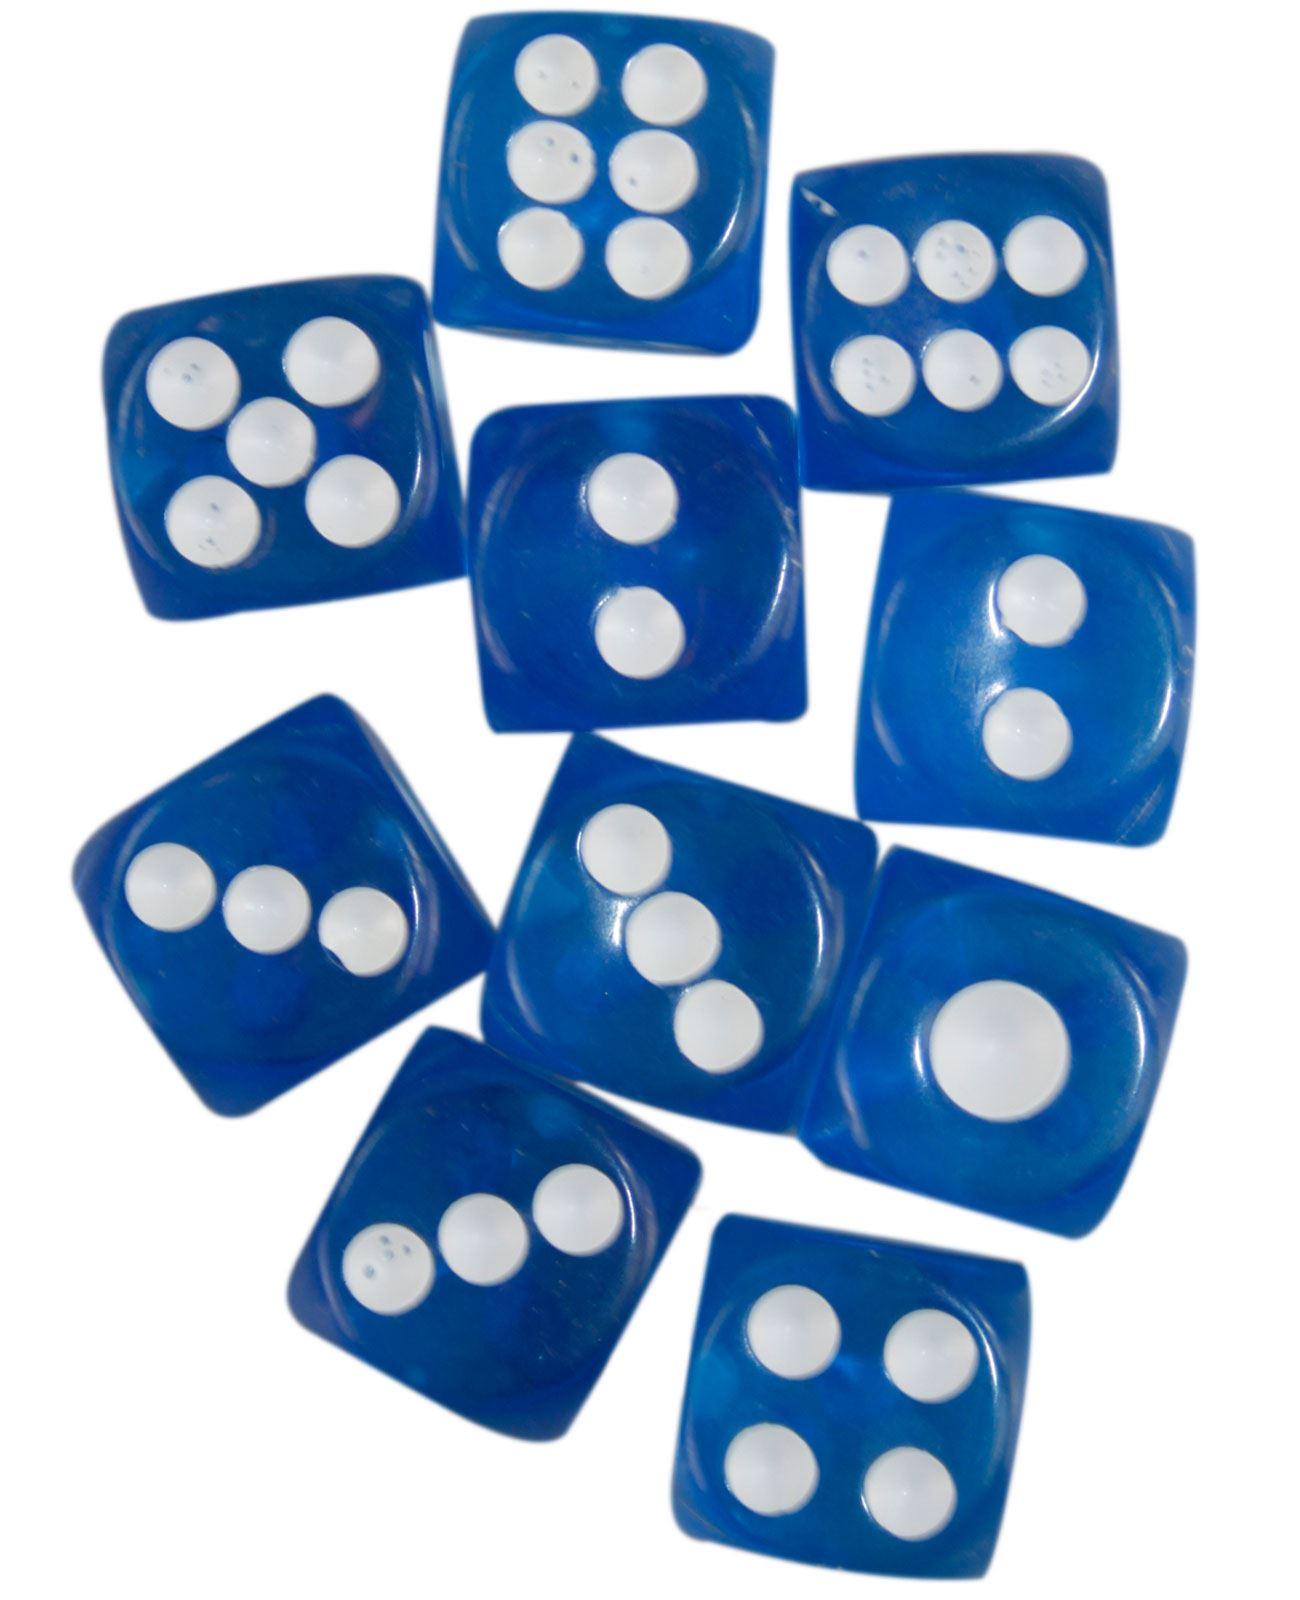 Nouveau-opaque-10-14-16mm-six-sided-spot-dice-D6-rpg-pour-ludo-monopoly-board-games miniature 52